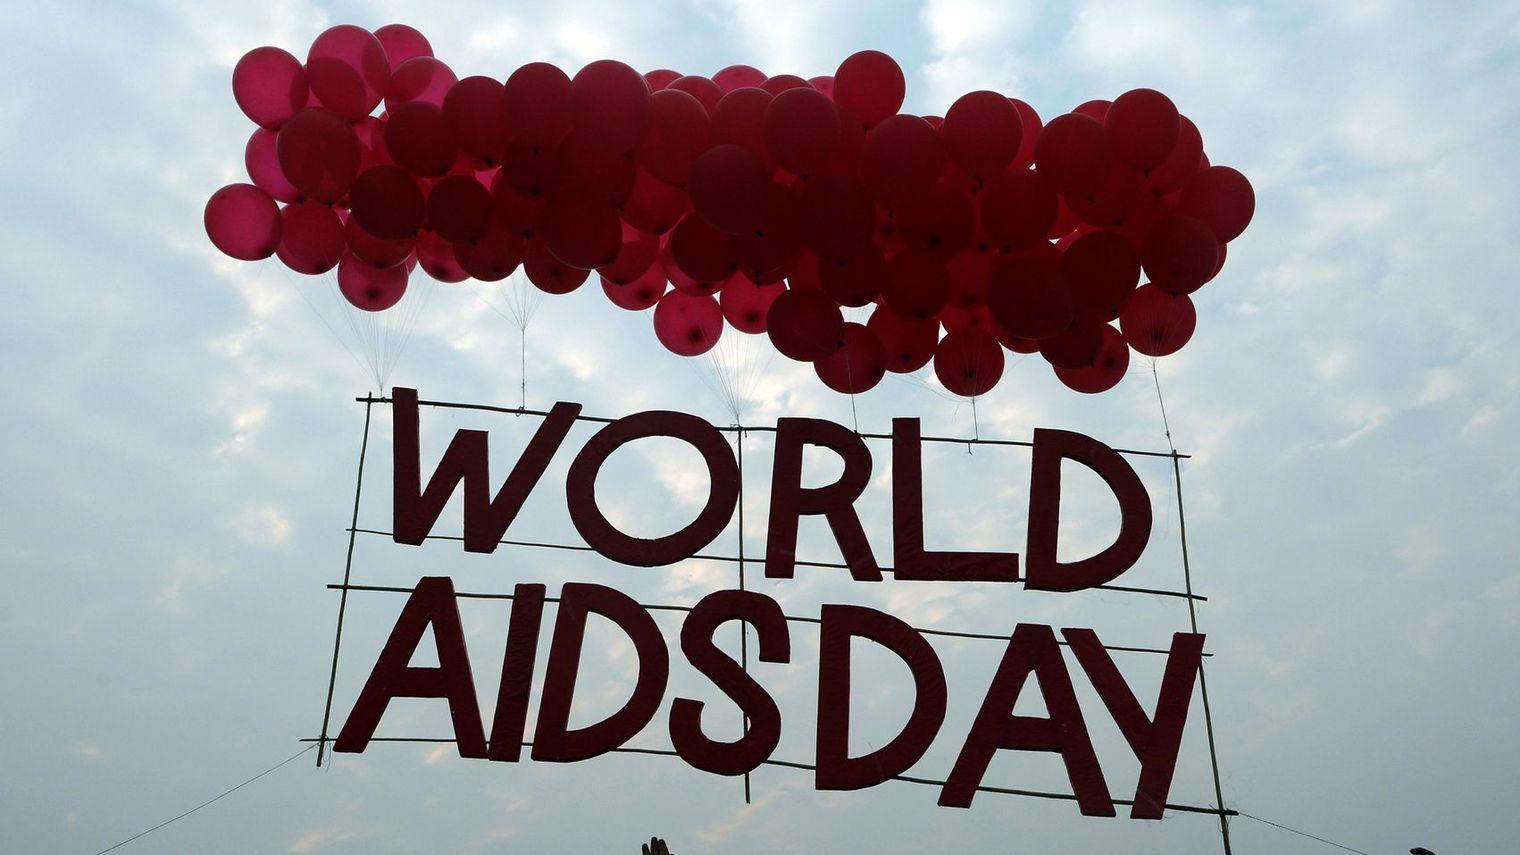 VIH/SIDA : 36,7 millions de personnes vivent avec  la maladie  dans le monde à ce jour